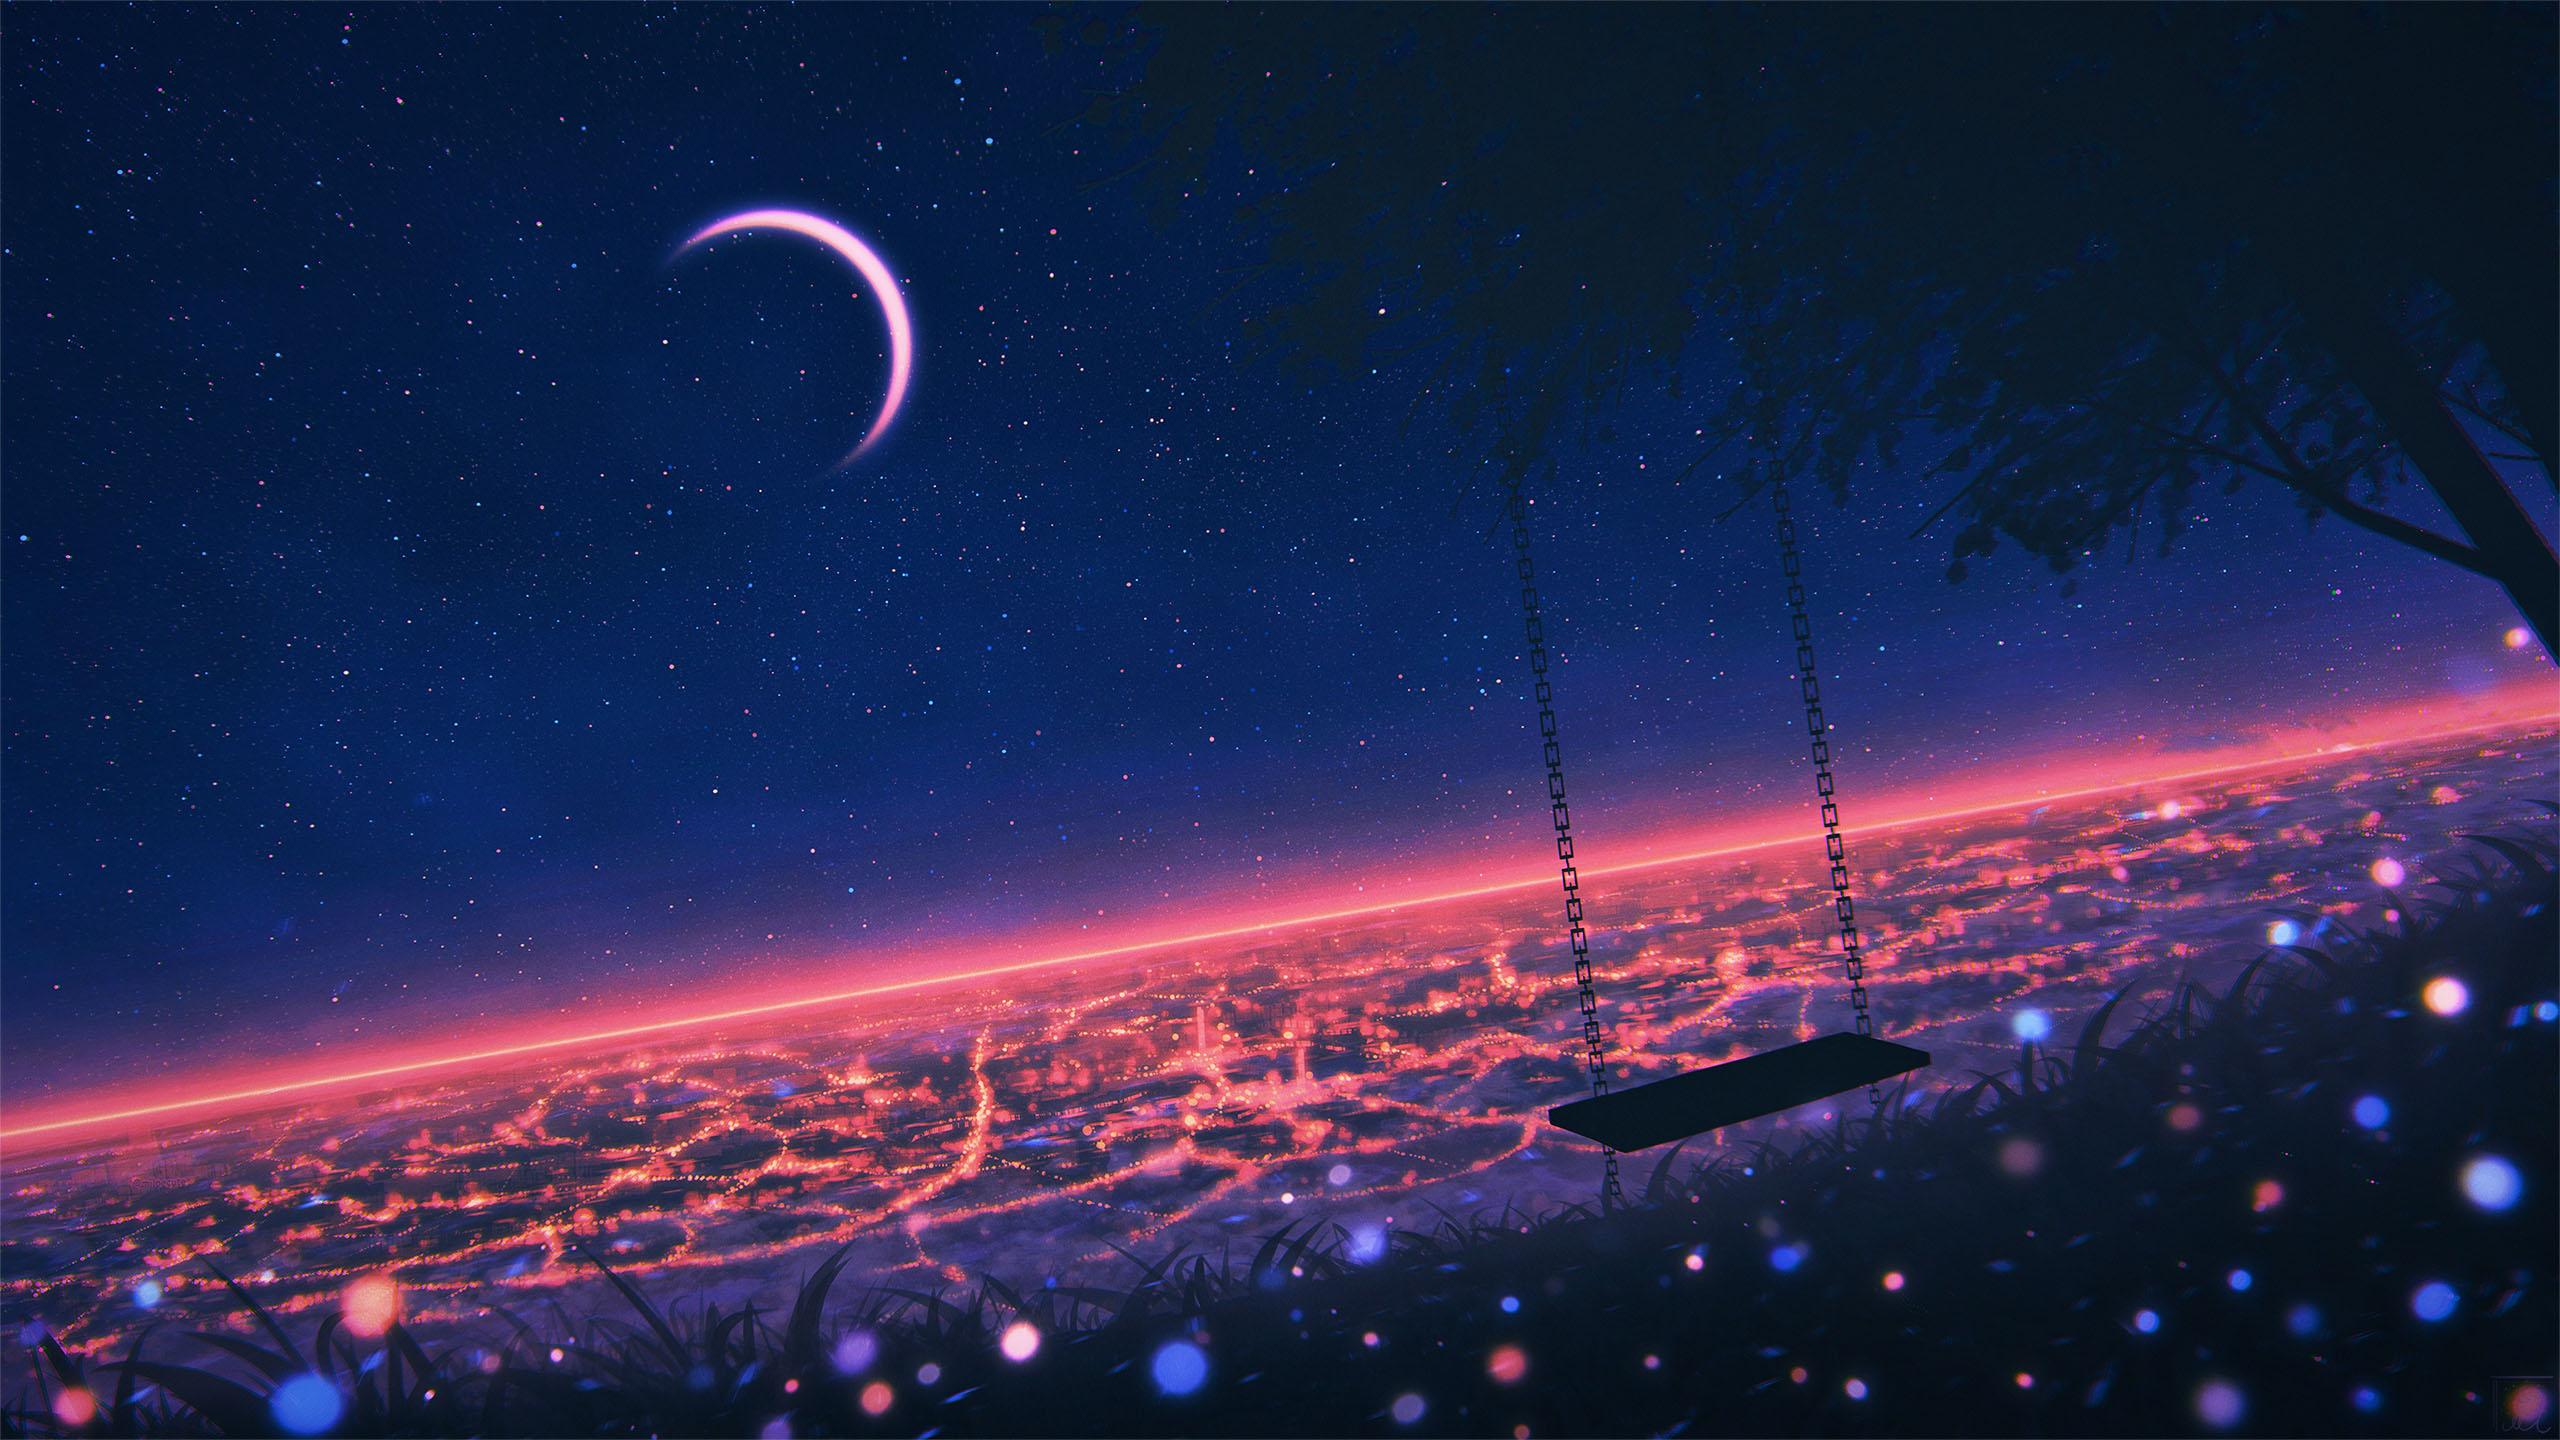 动漫卡通,城市夜景,月亮,秋千,灯光,光影